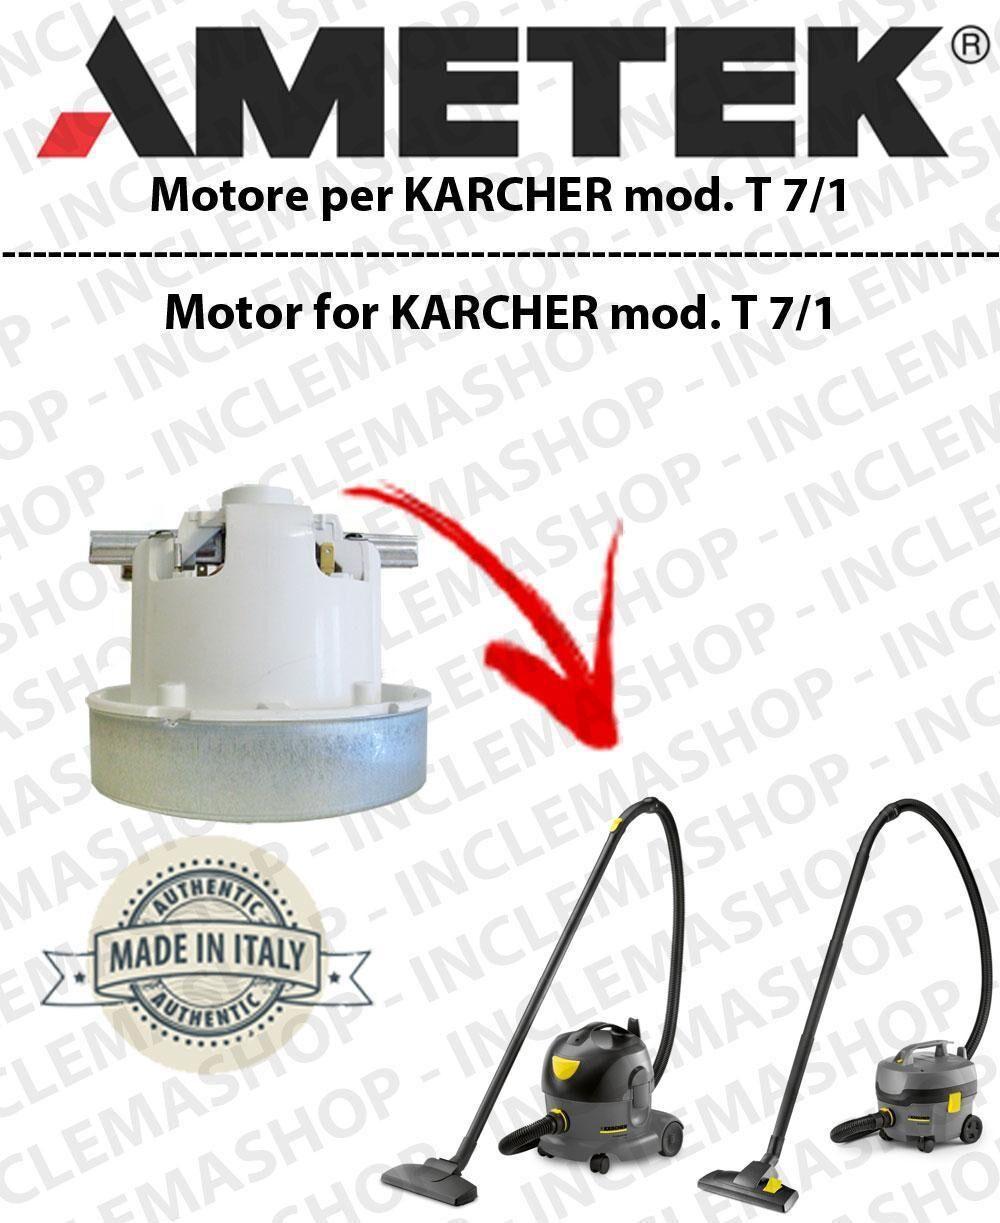 Karcher T 7/1 MOTORE AMETEK di aspirazione per aspirapolvere